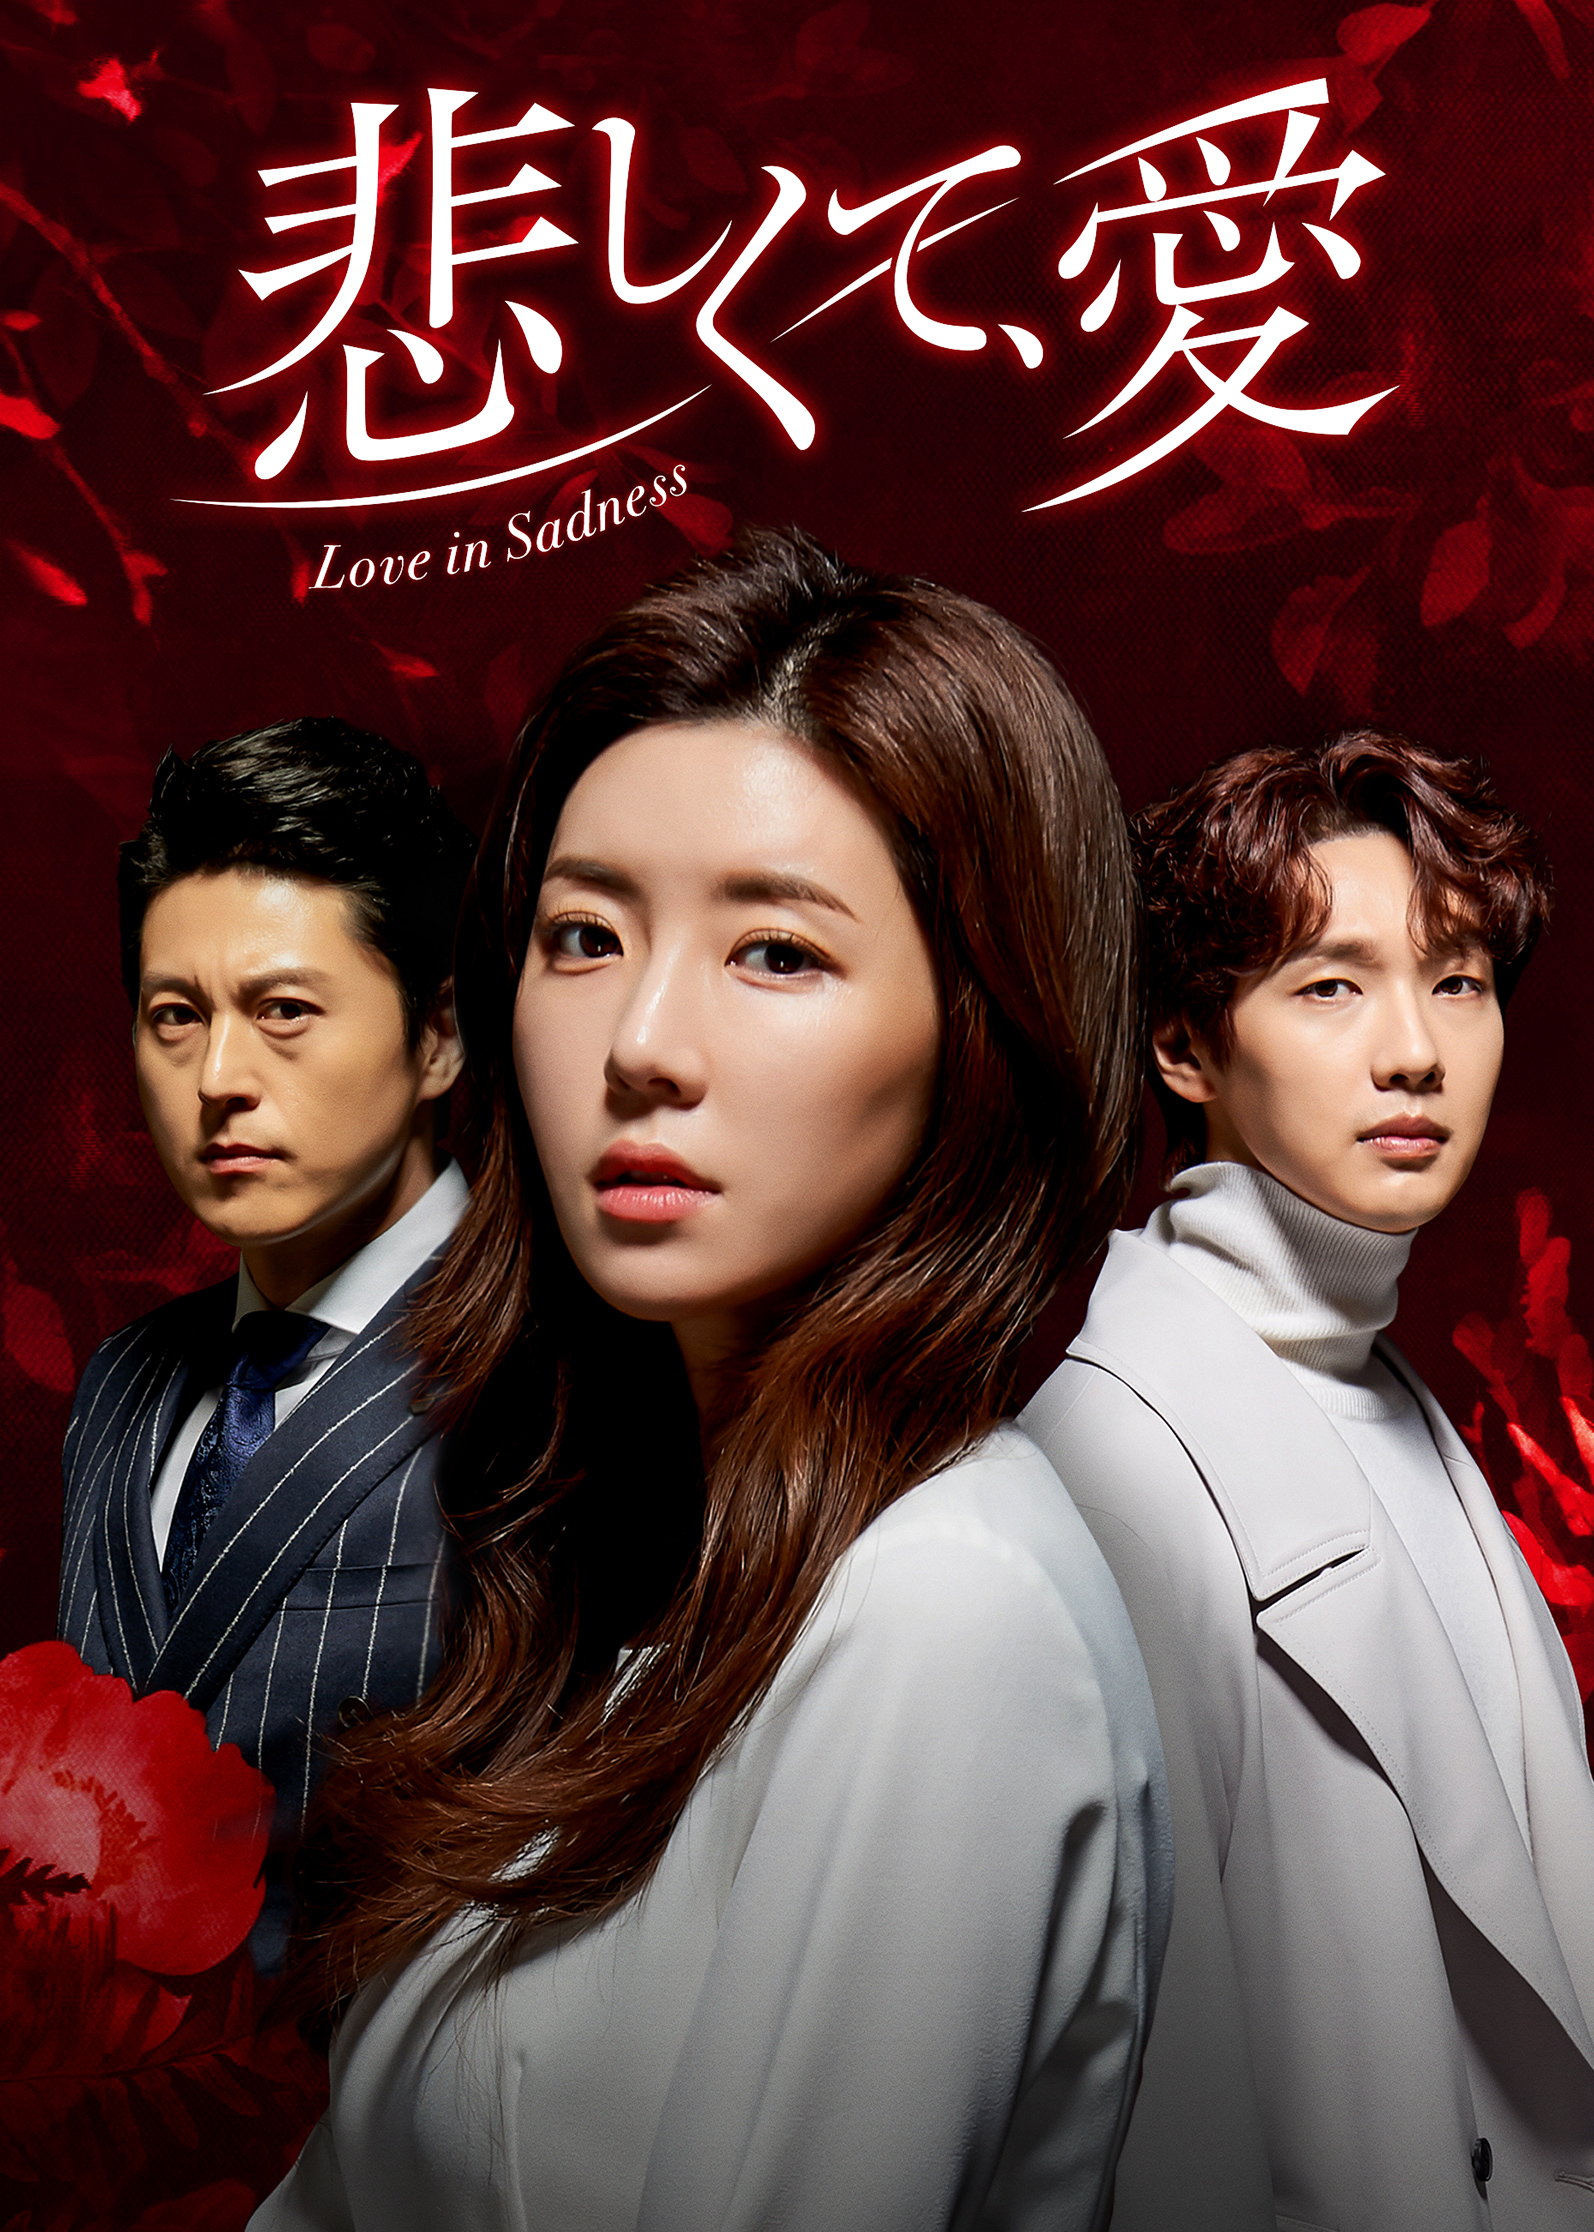 と 嘘 秘密 ドラマ 韓国